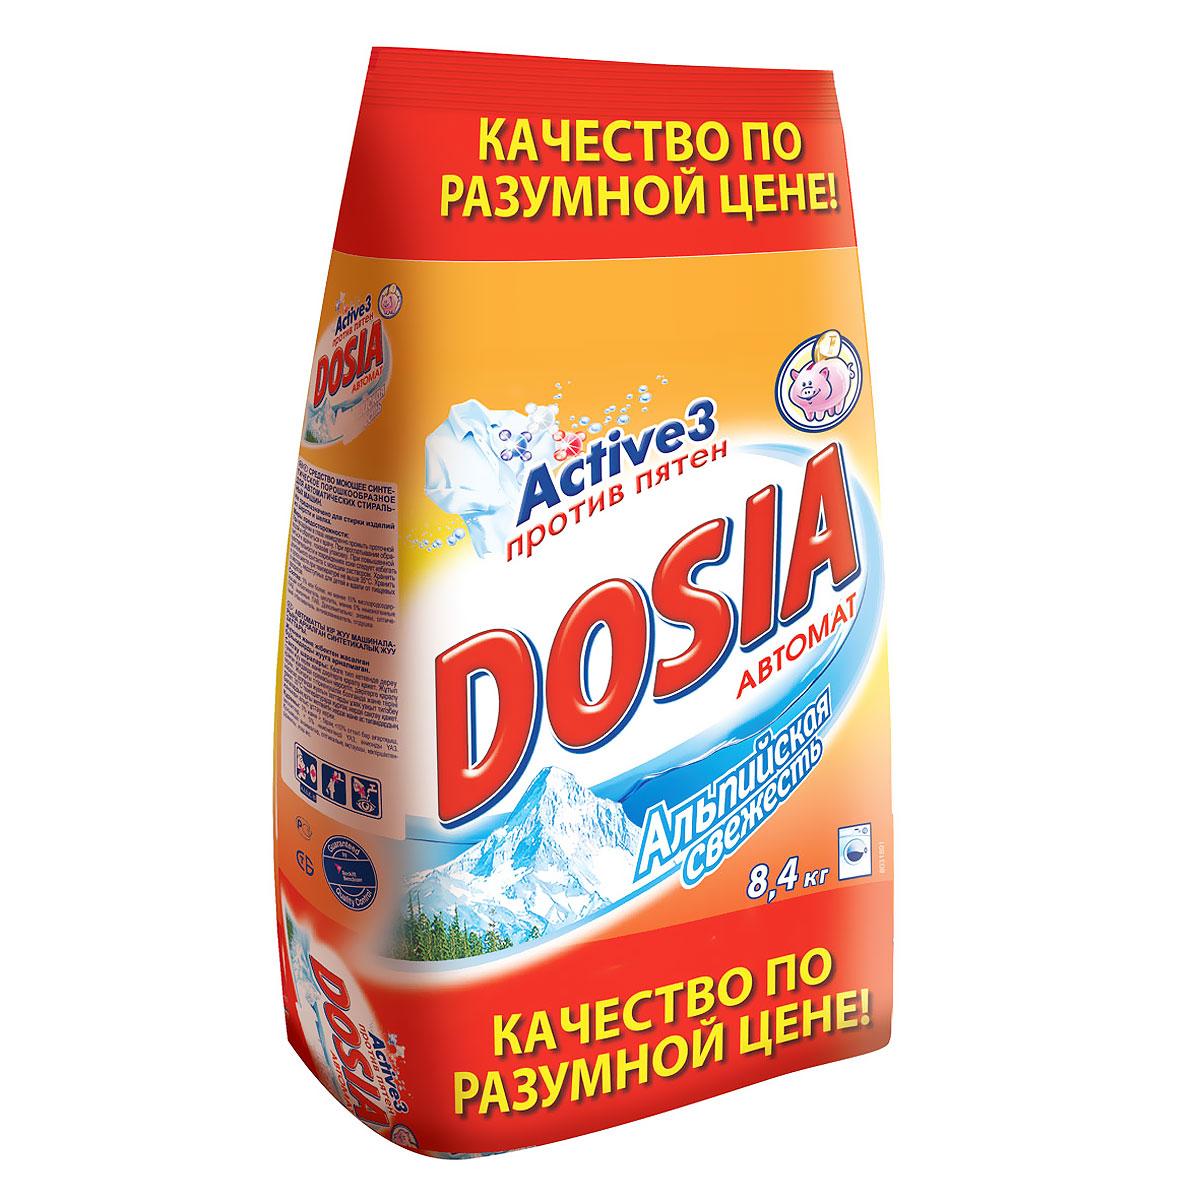 Стиральный порошок Dosia Active 3, автомат, альпийская свежесть, 8,4 кг0379981Стиральный порошок Dosia Active 3 с ароматом альпийской свежести предназначен для стирки в стиральных машинах любого типа. Порошок содержит три активных компонента против различных пятен, которые воздействуют на волокна ткани и удаляют общие загрязнения, удаляют сложные пятна, отбеливают и придают кристальную белизну вашим вещам.Порошок содержит компоненты, помогающие защитить стиральную машину от накипи и известкового налета.Насладитесь идеальной чистотой и свежестью своих вещей с новой Dosia! Характеристики: Вес: 8,4 кг. Товар сертифицирован.УВАЖАЕМЫЕ КЛИЕНТЫ!Обращаем ваше внимание на возможные изменения в дизайне упаковки. Поставка осуществляется в зависимости от наличия на складе.